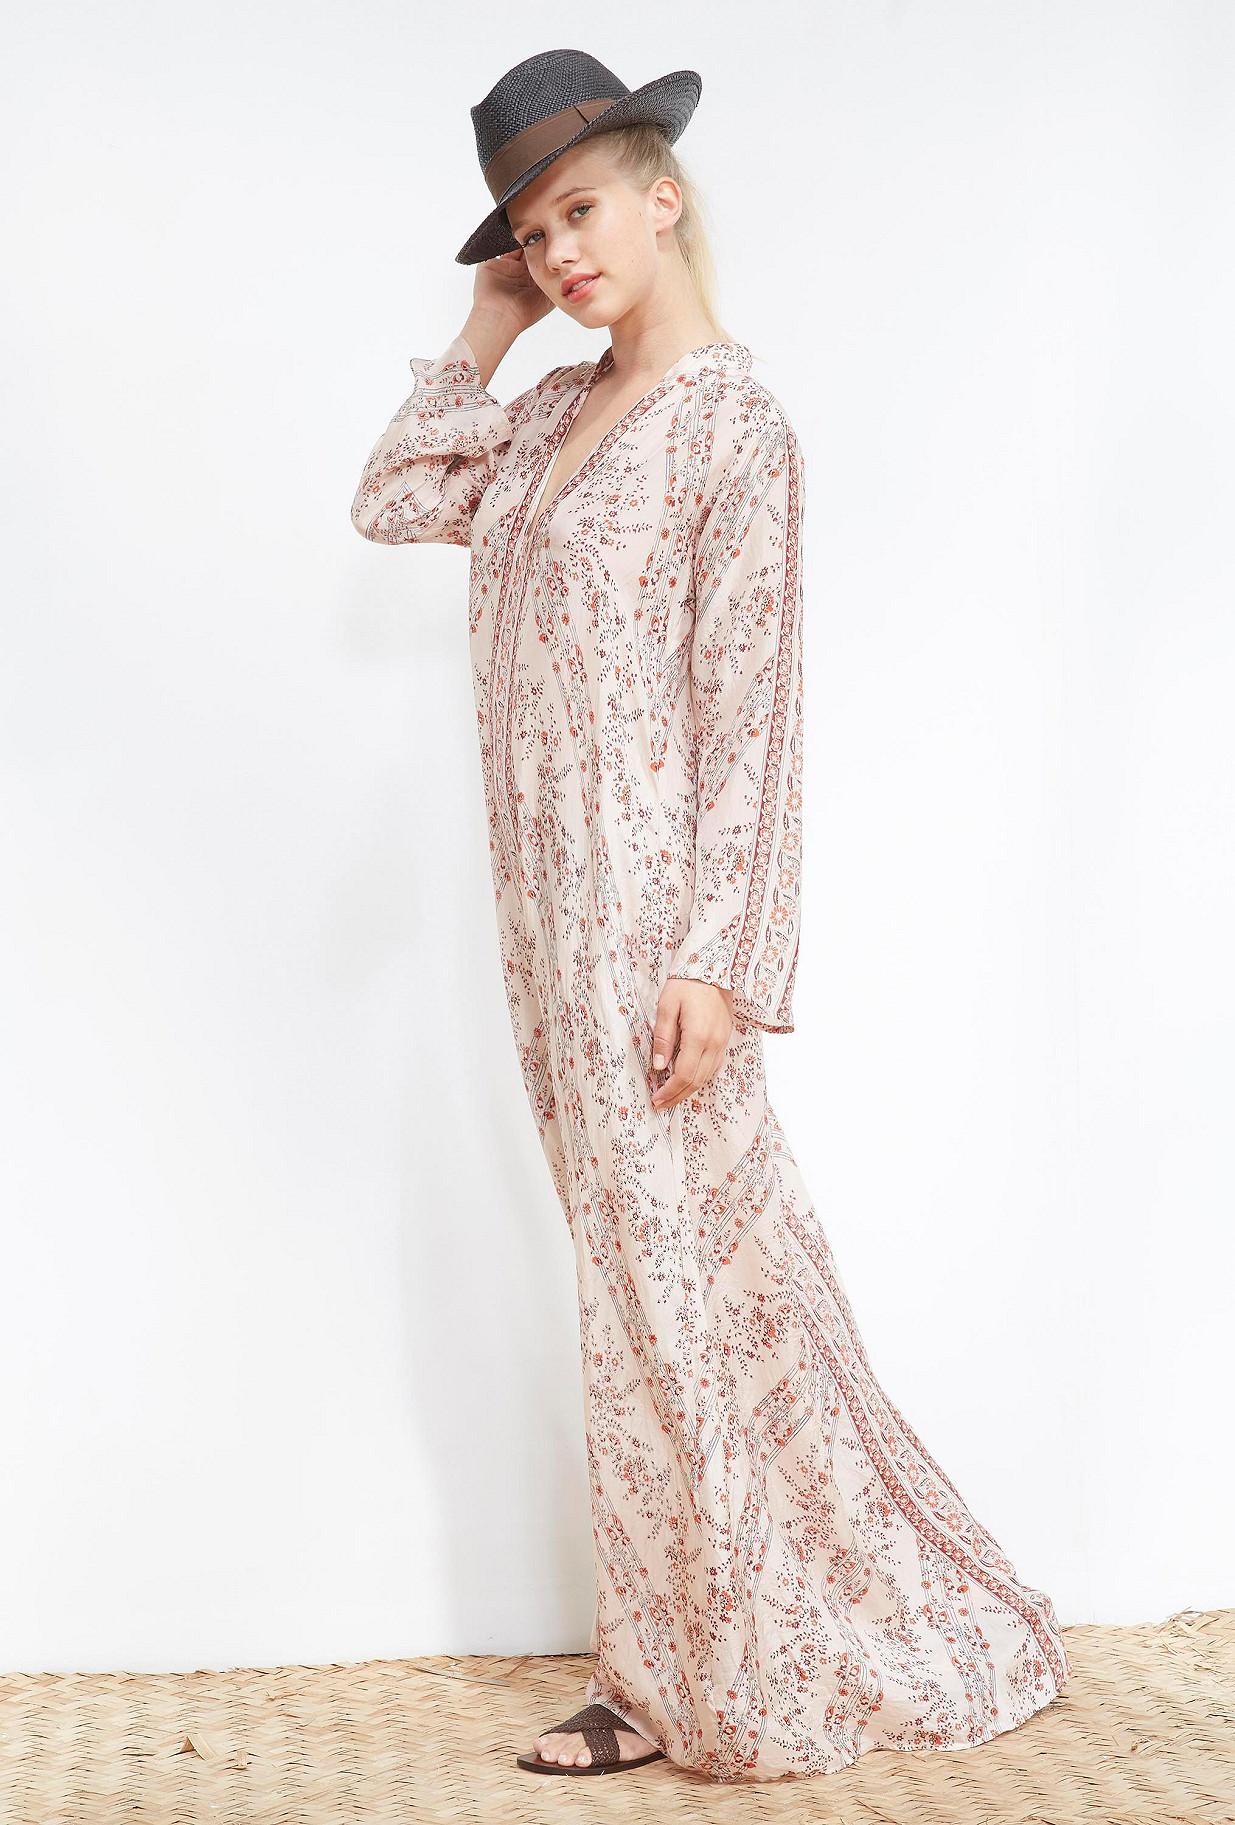 Floral print  DRESS  Bobo Mes demoiselles fashion clothes designer Paris